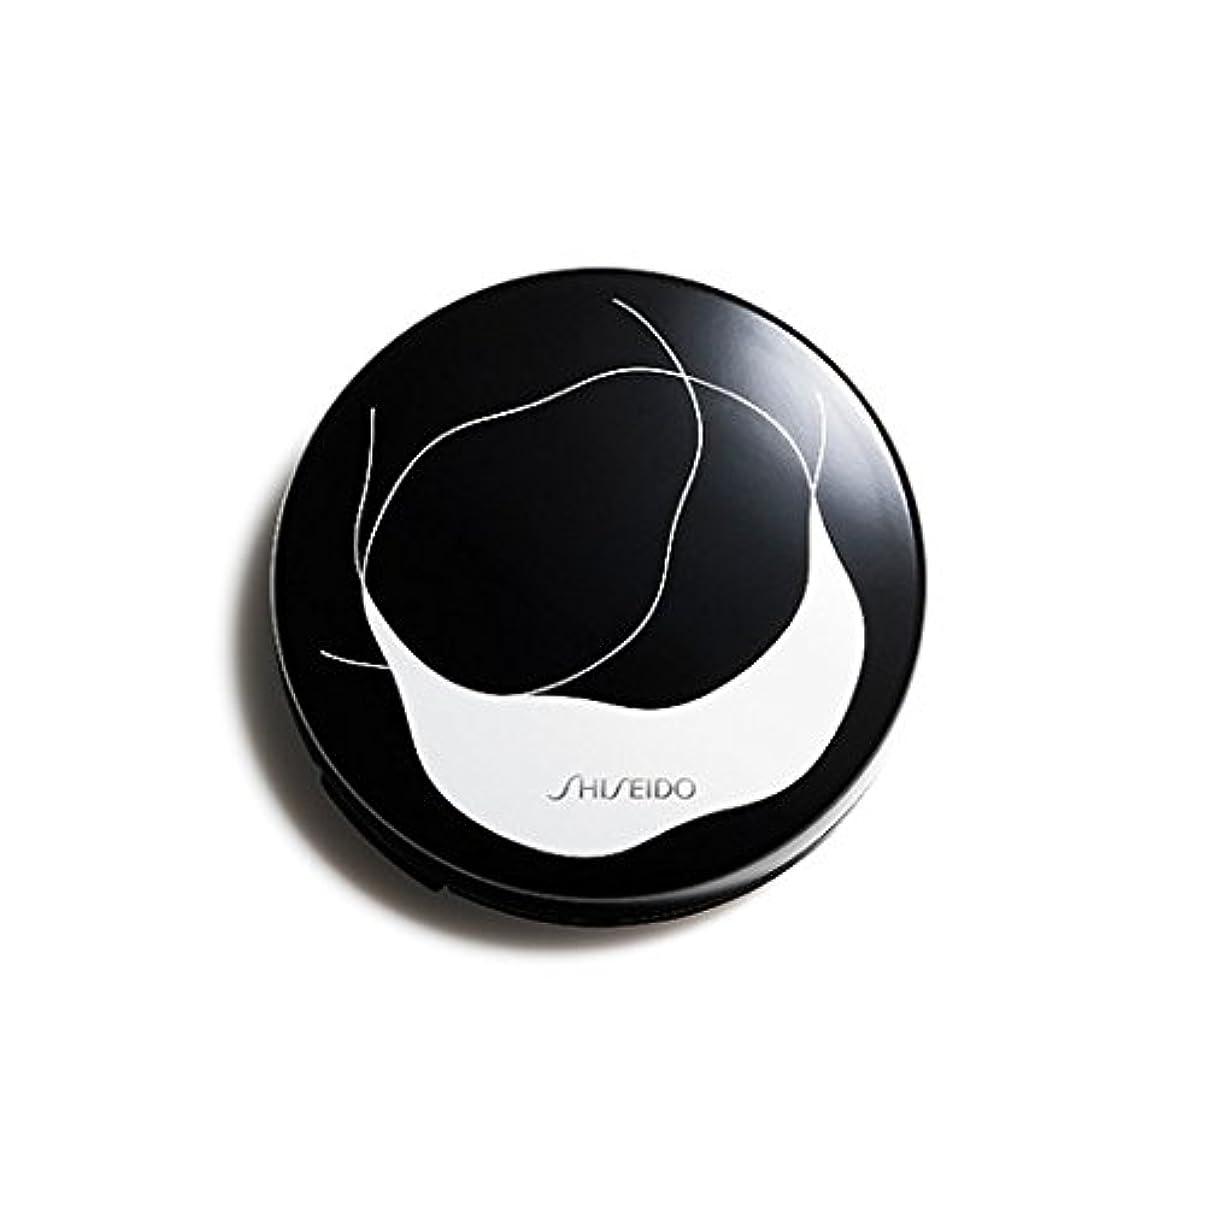 皮肉なランプ問い合わせSHISEIDO 資生堂 シンクロスキン グロー クッションコンパクト ケース 国内正規品